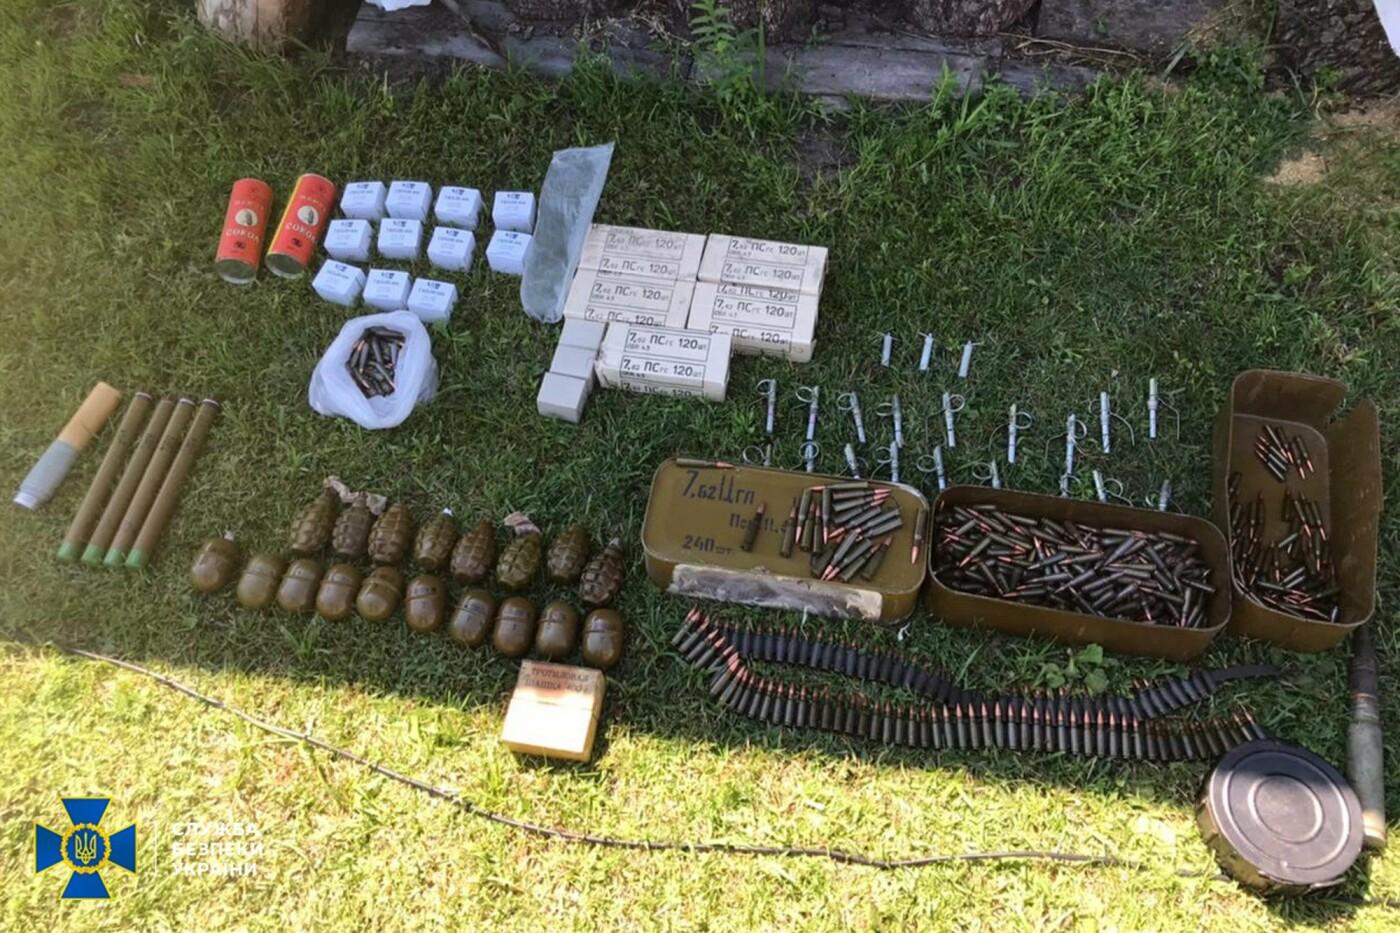 Гранаты, пистолеты, тротил: житель Луганщины скрывал тайник с боеприпасами, фото-1